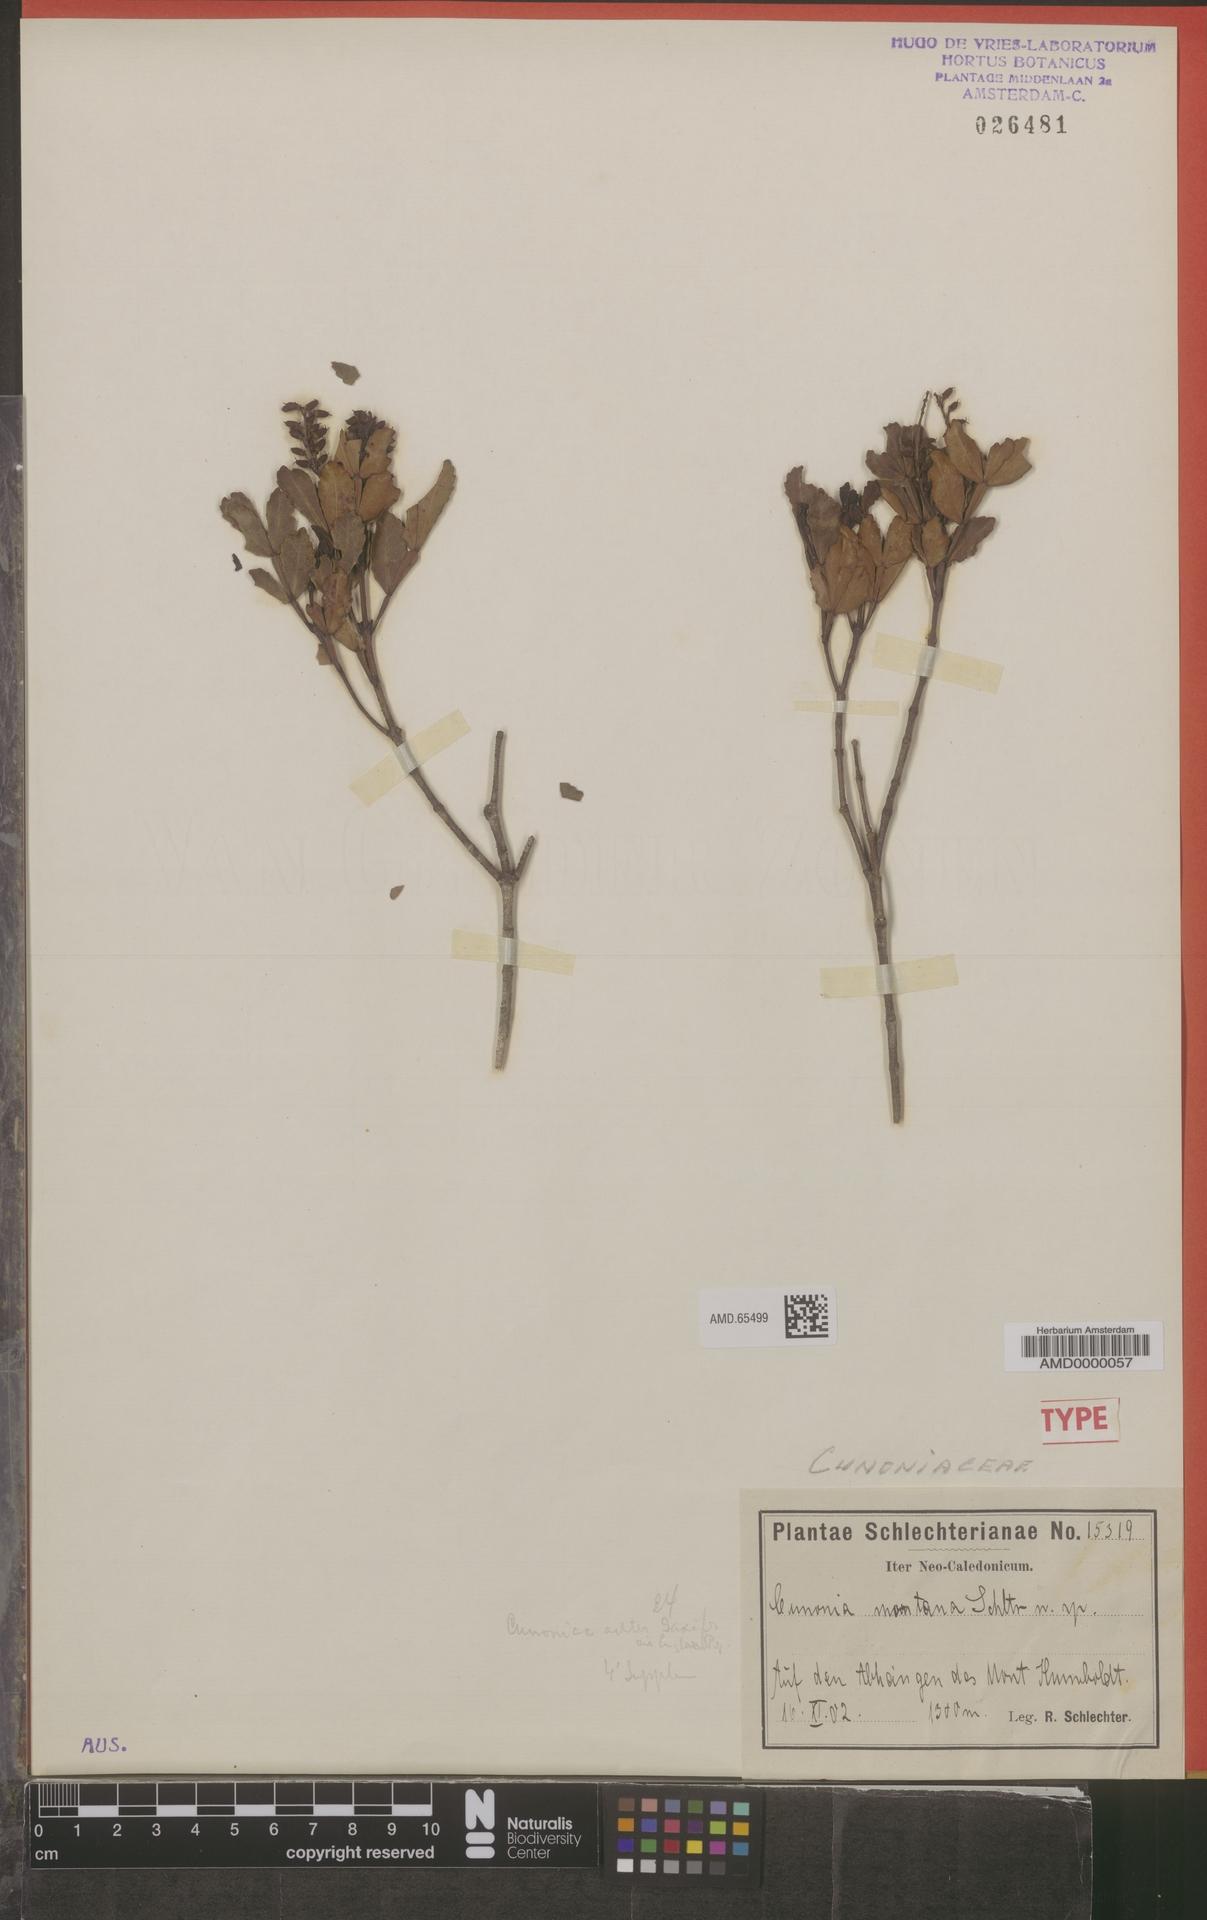 AMD.65499 | Cunonia montana Schltr.